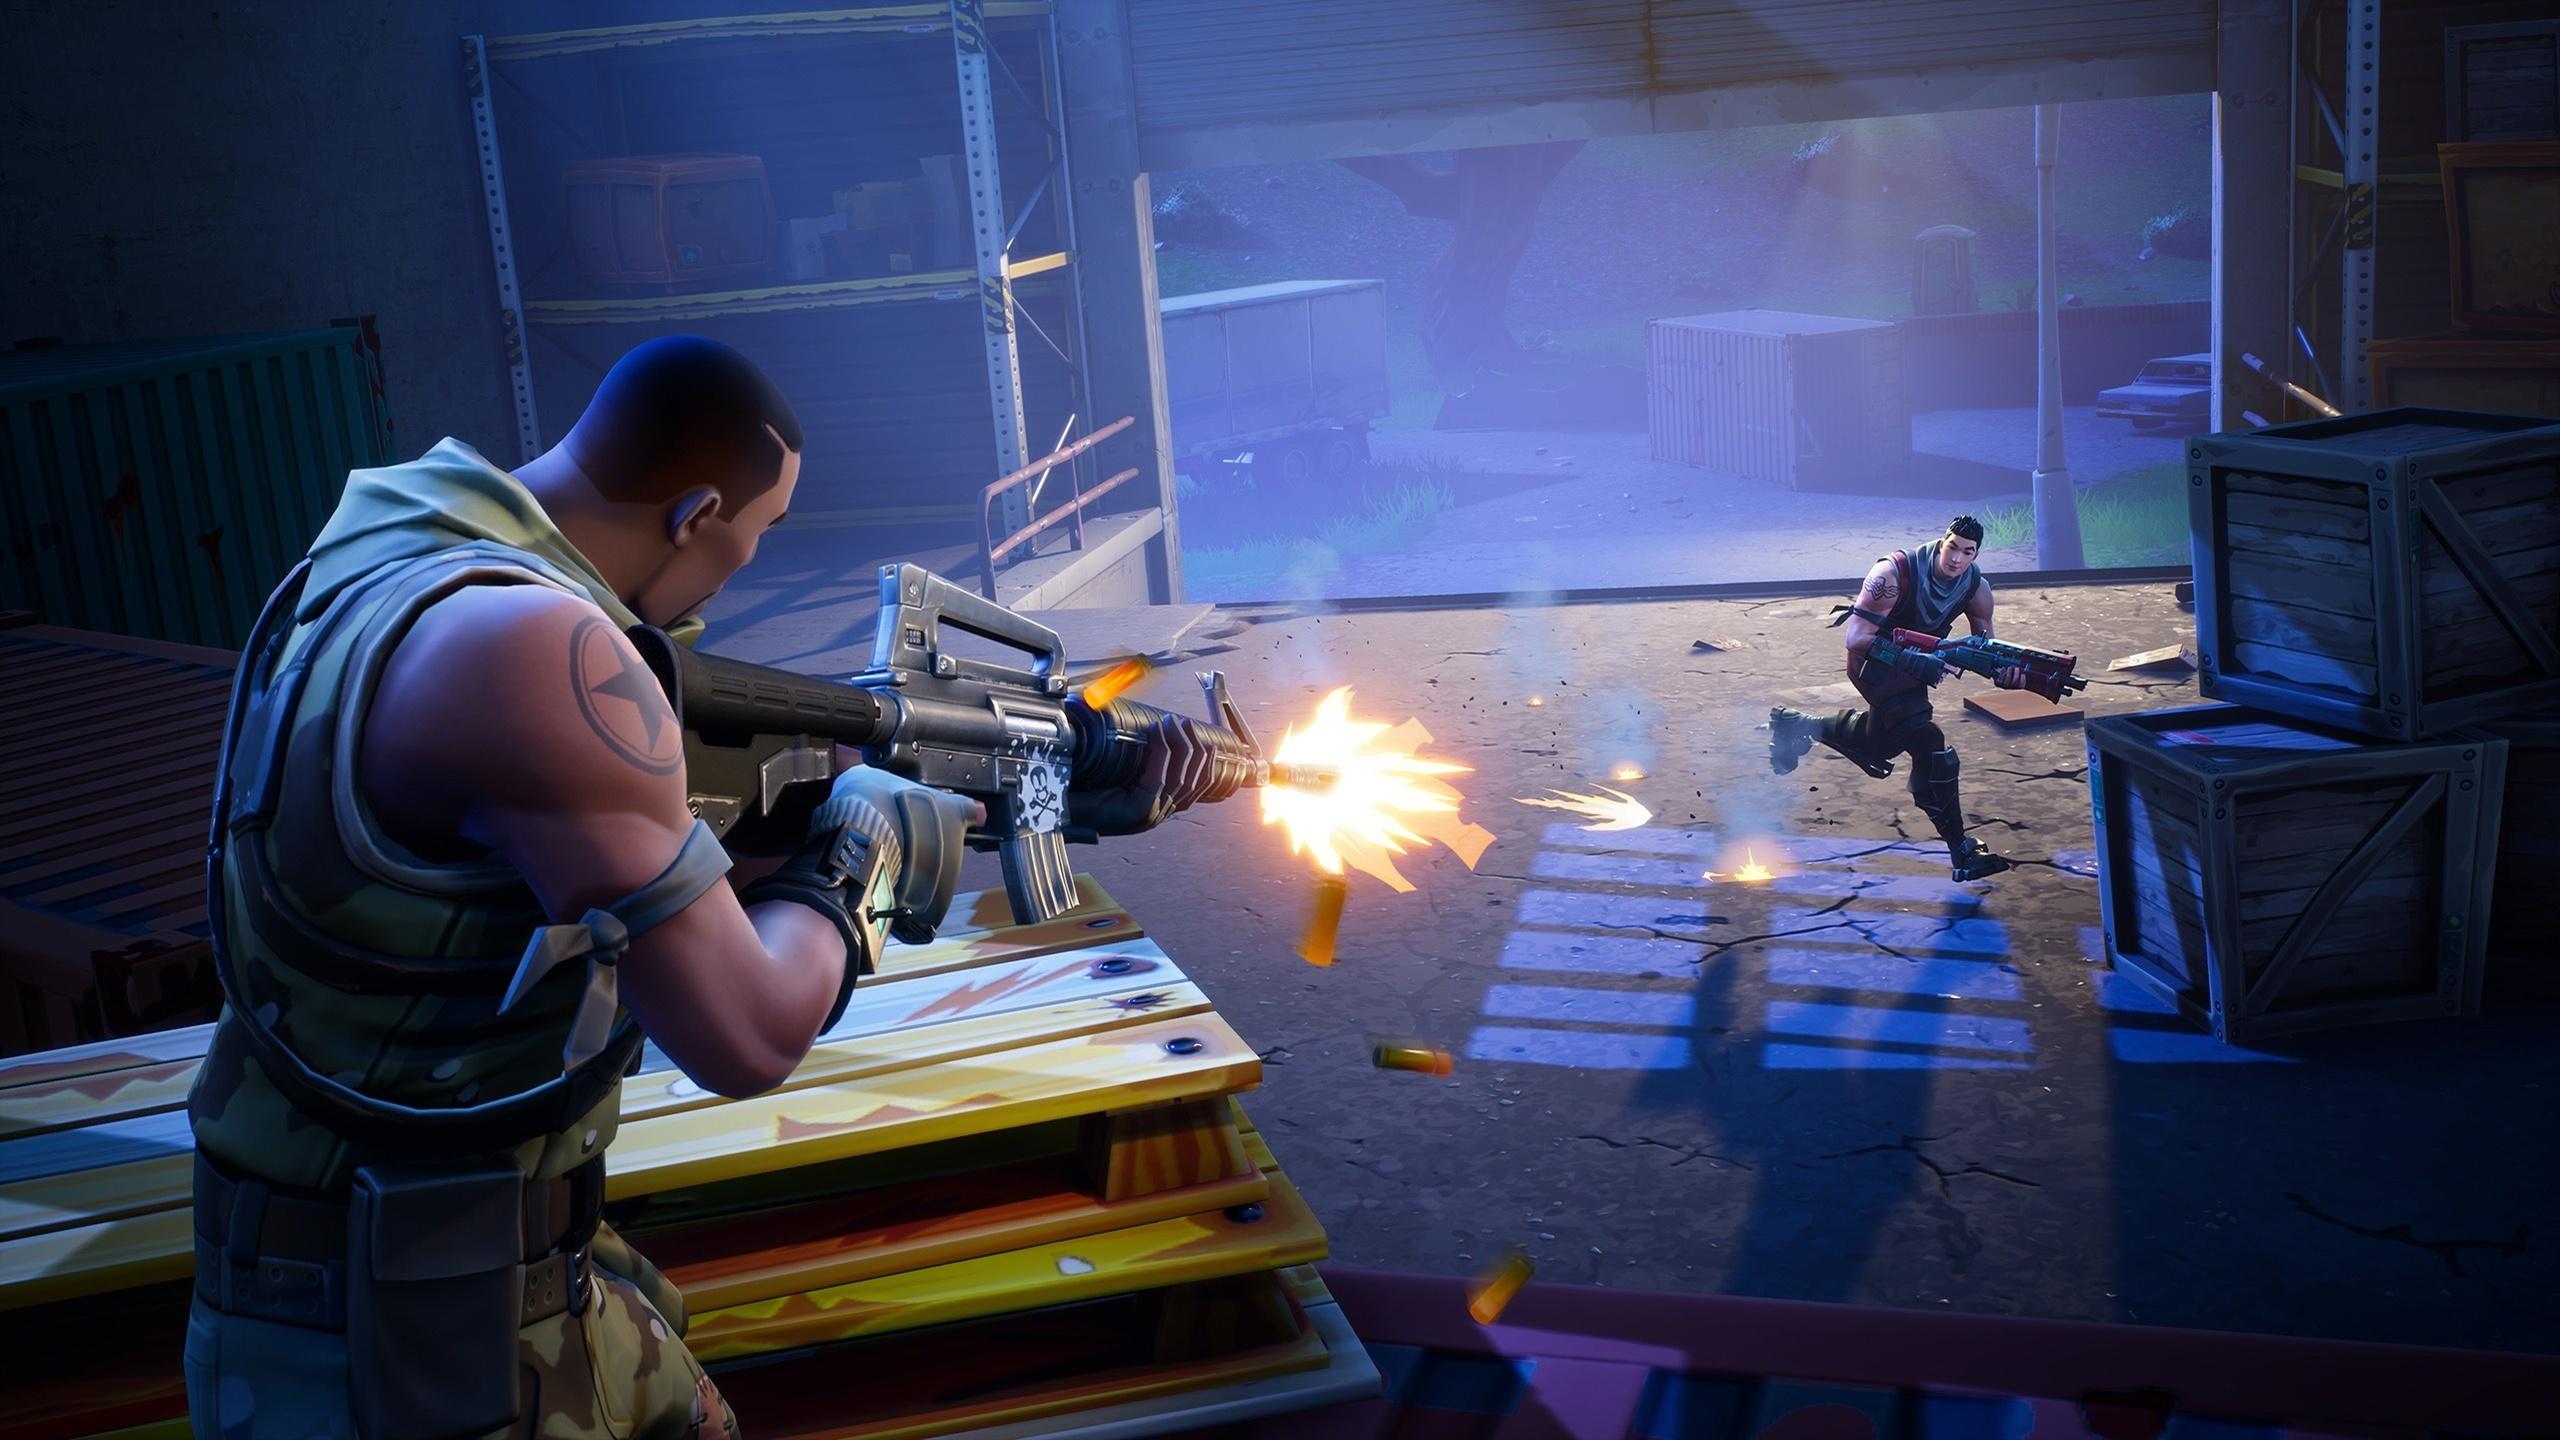 Fortnite Battle Royal Shooter Game, Fortnite, Video - Fortnite Wallpaper Battle Royal , HD Wallpaper & Backgrounds